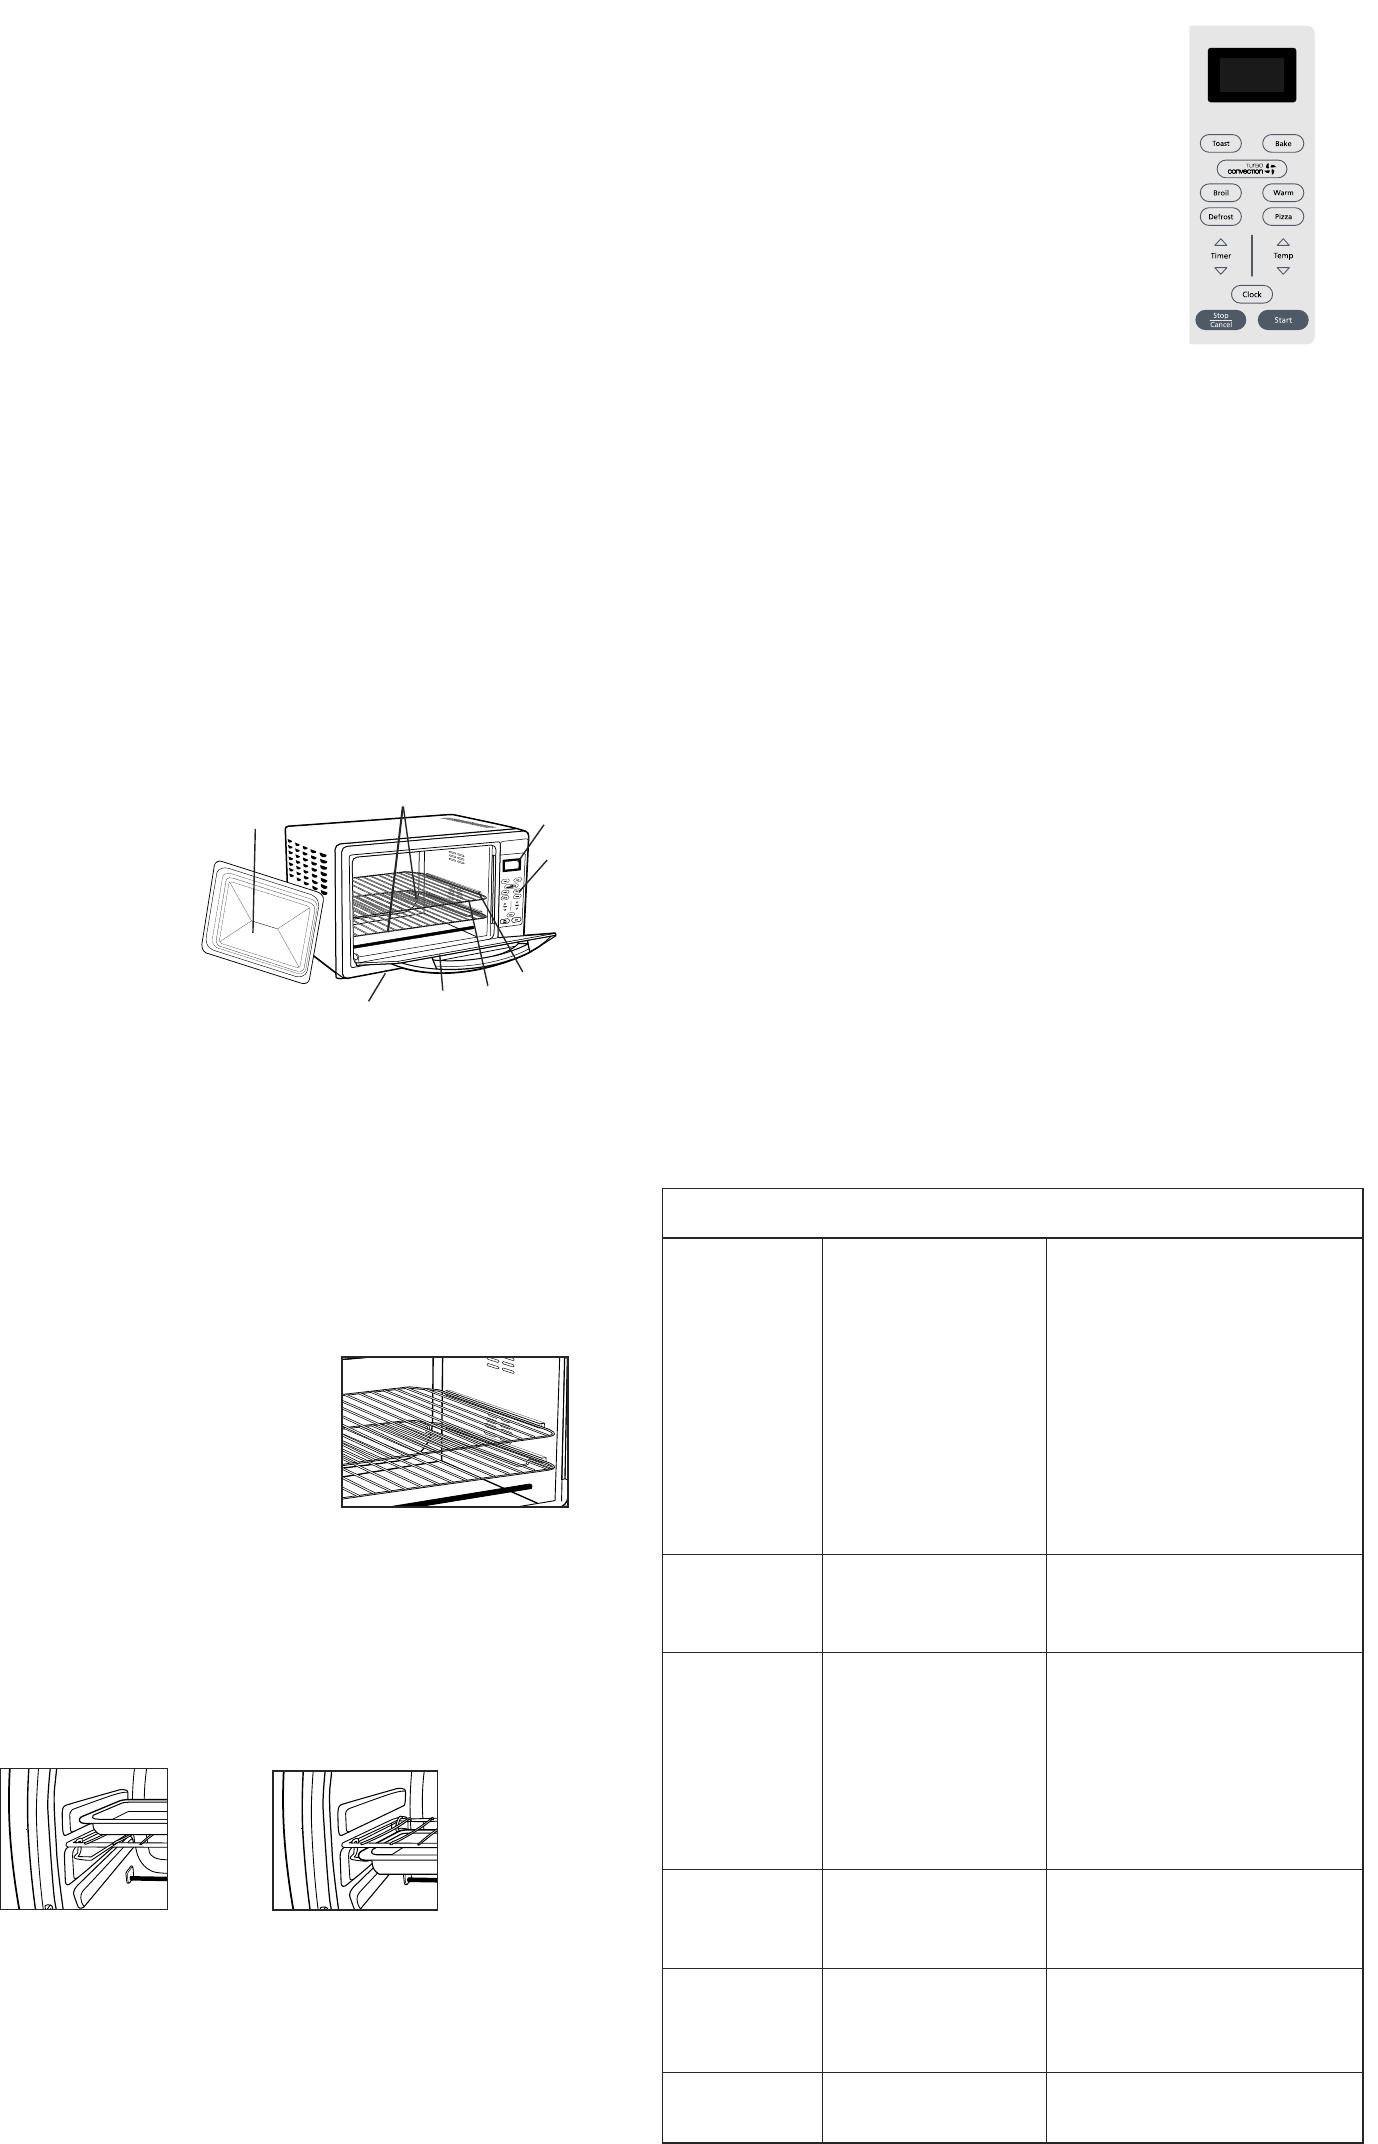 hight resolution of para desconectar oprima el bot n stop cancel parar anular dos veces para apagar el aparato y